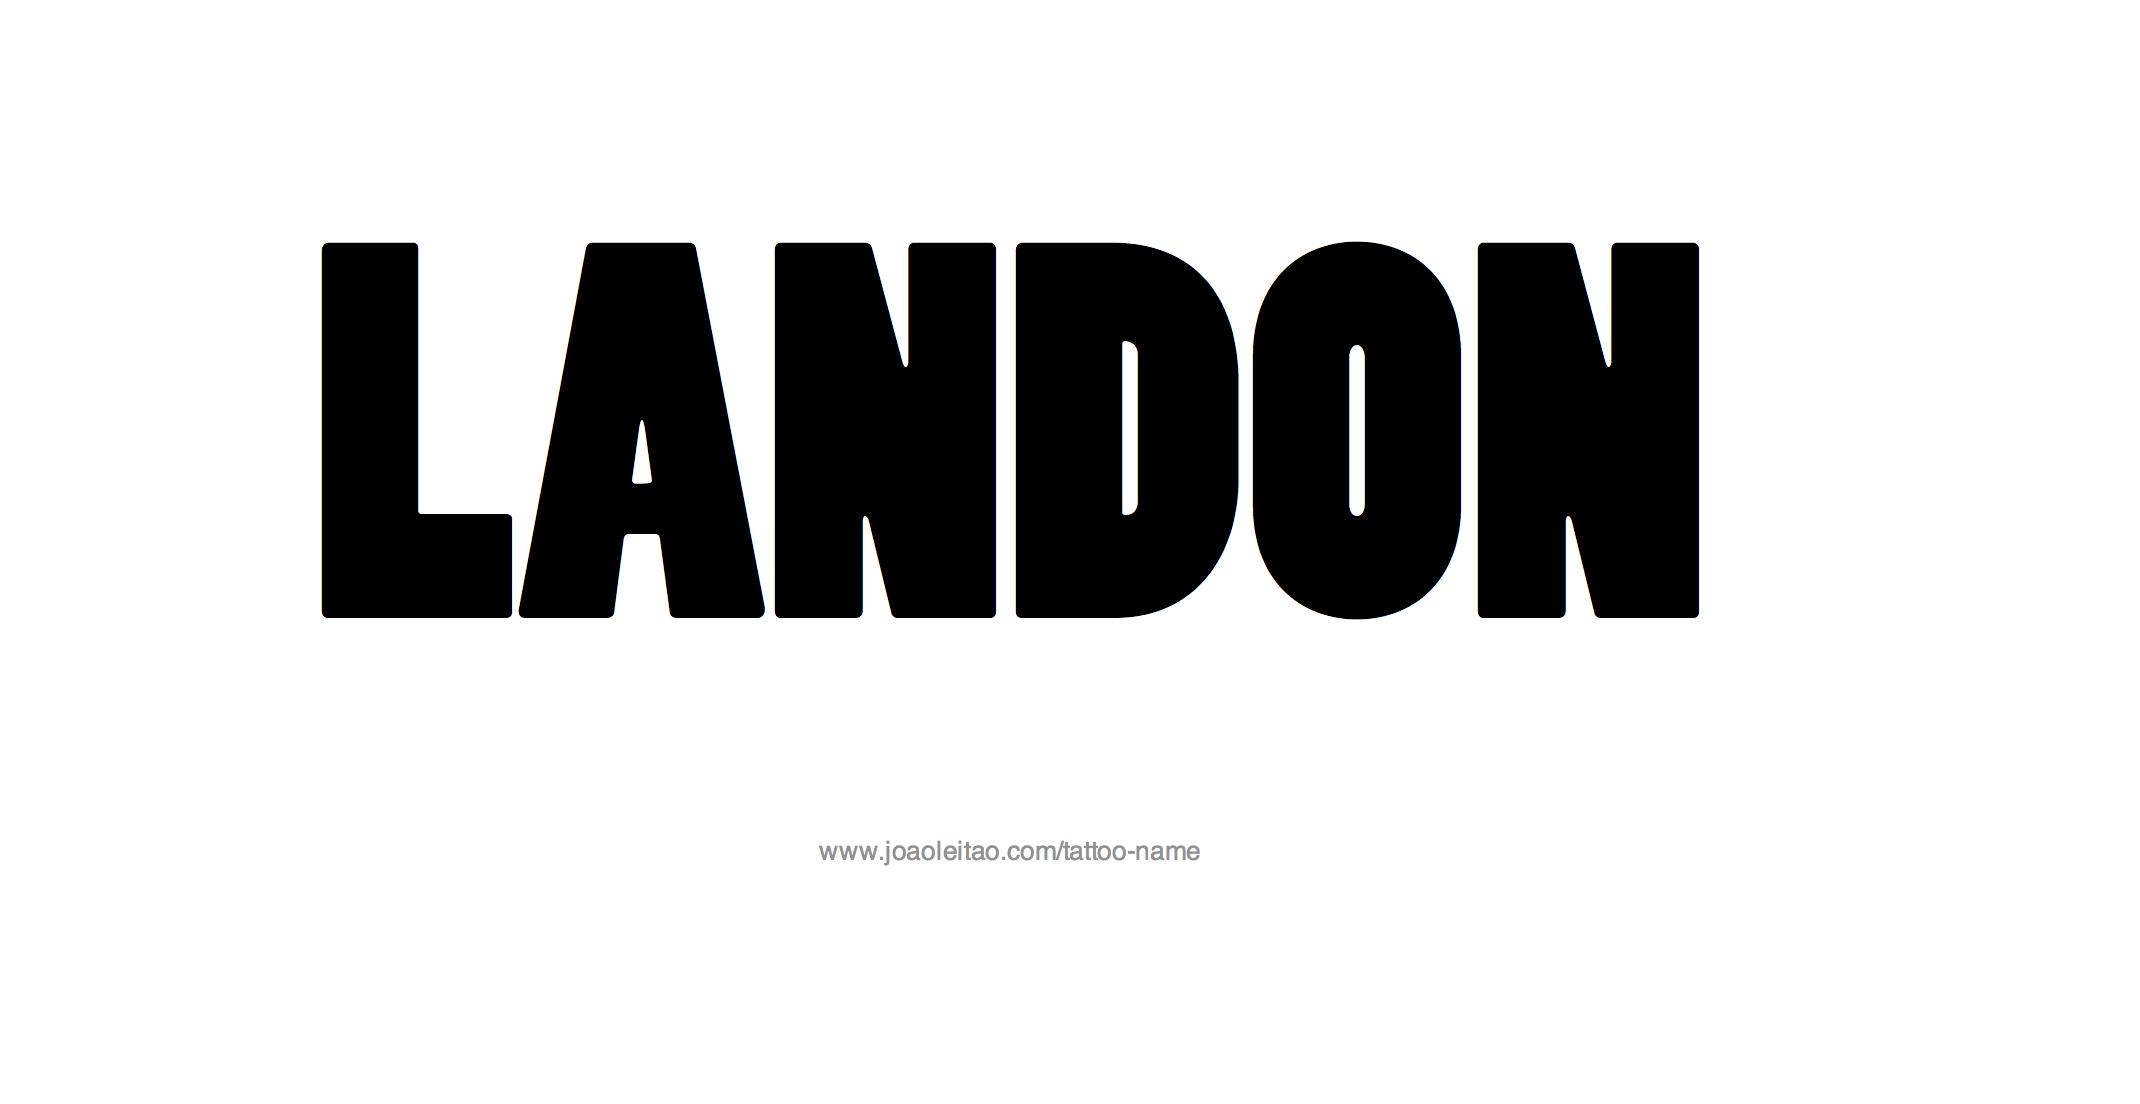 Landon Name Tattoo Designs